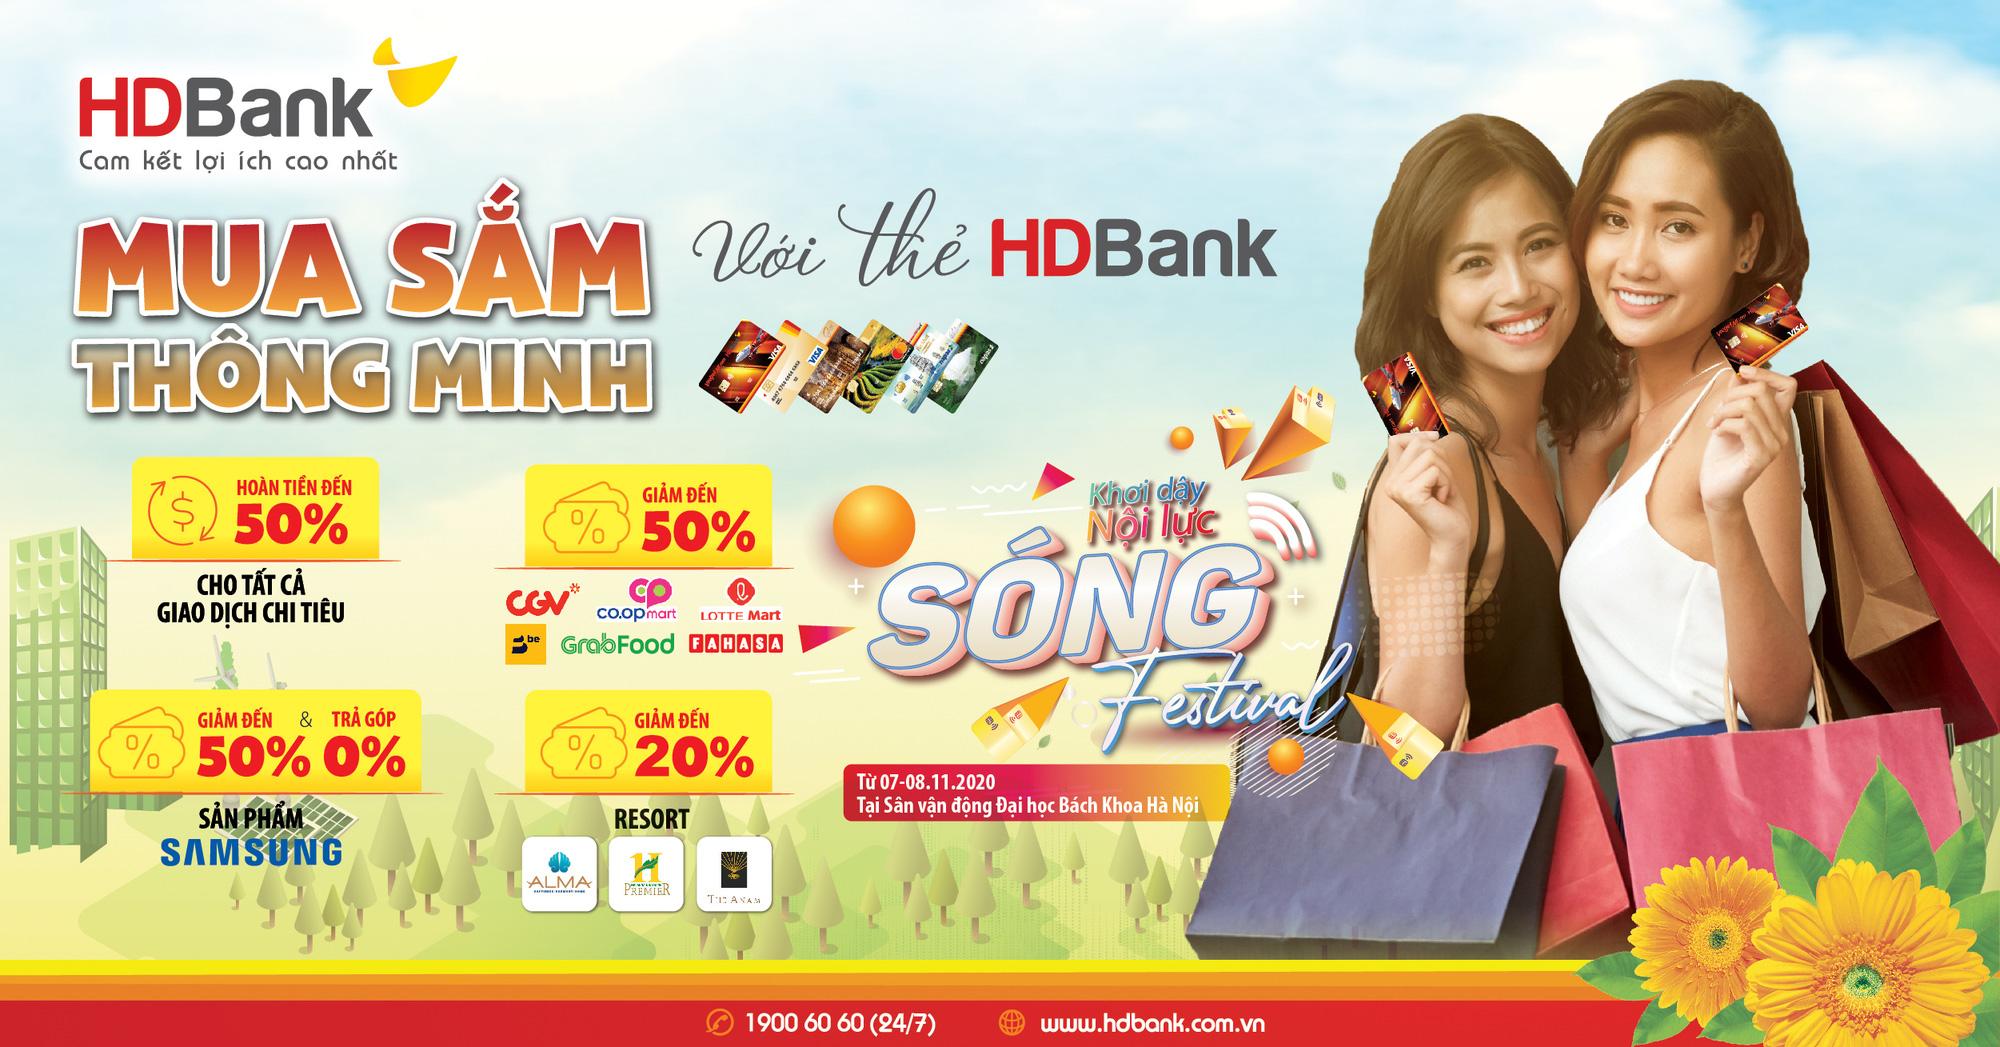 HDBank tung chuỗi ưu đãi siêu hấp dẫn nhân Ngày Thẻ Việt Nam 2020 - Ảnh 3.